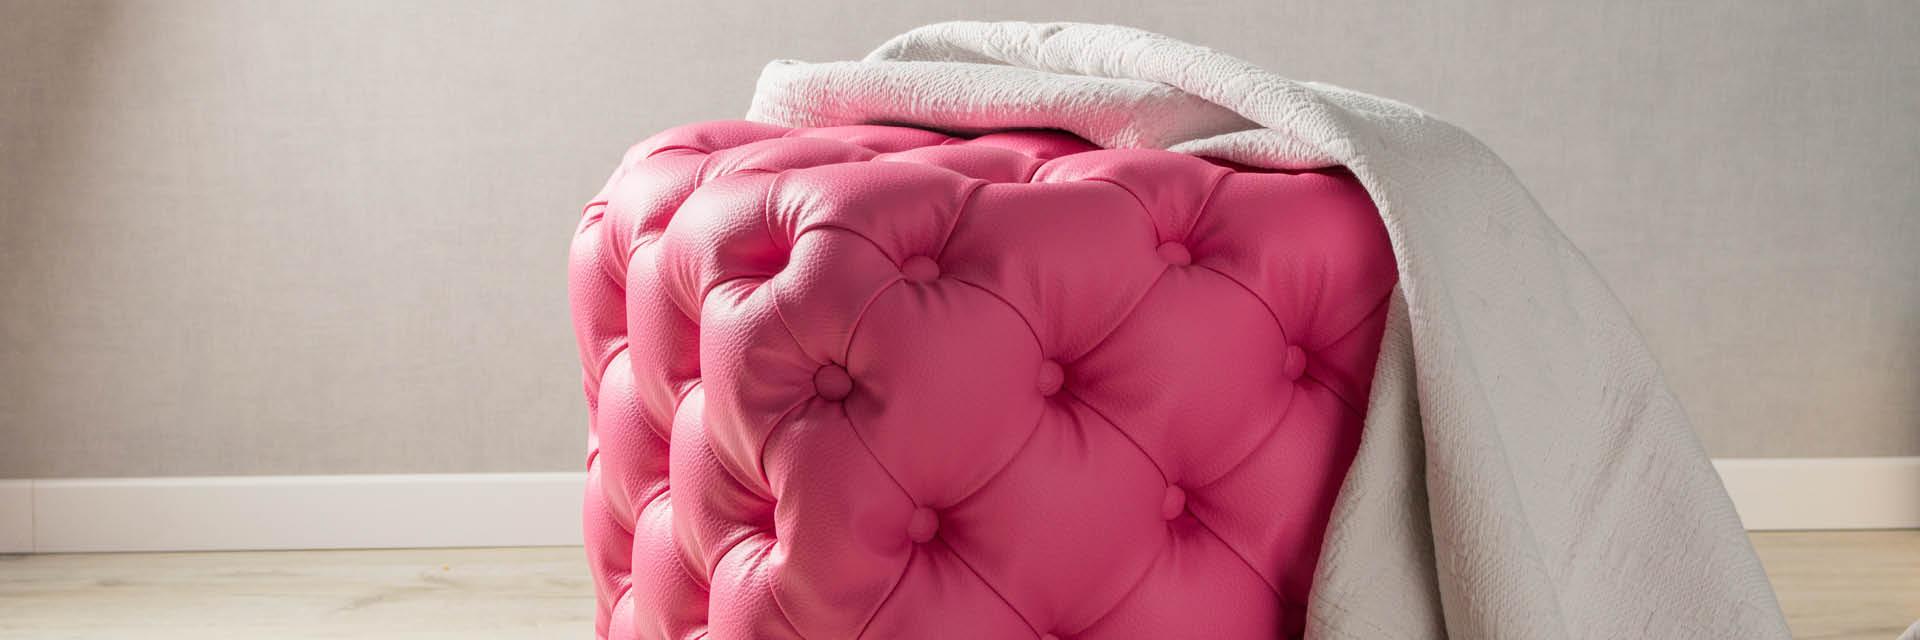 Pouf, Leder, Pink